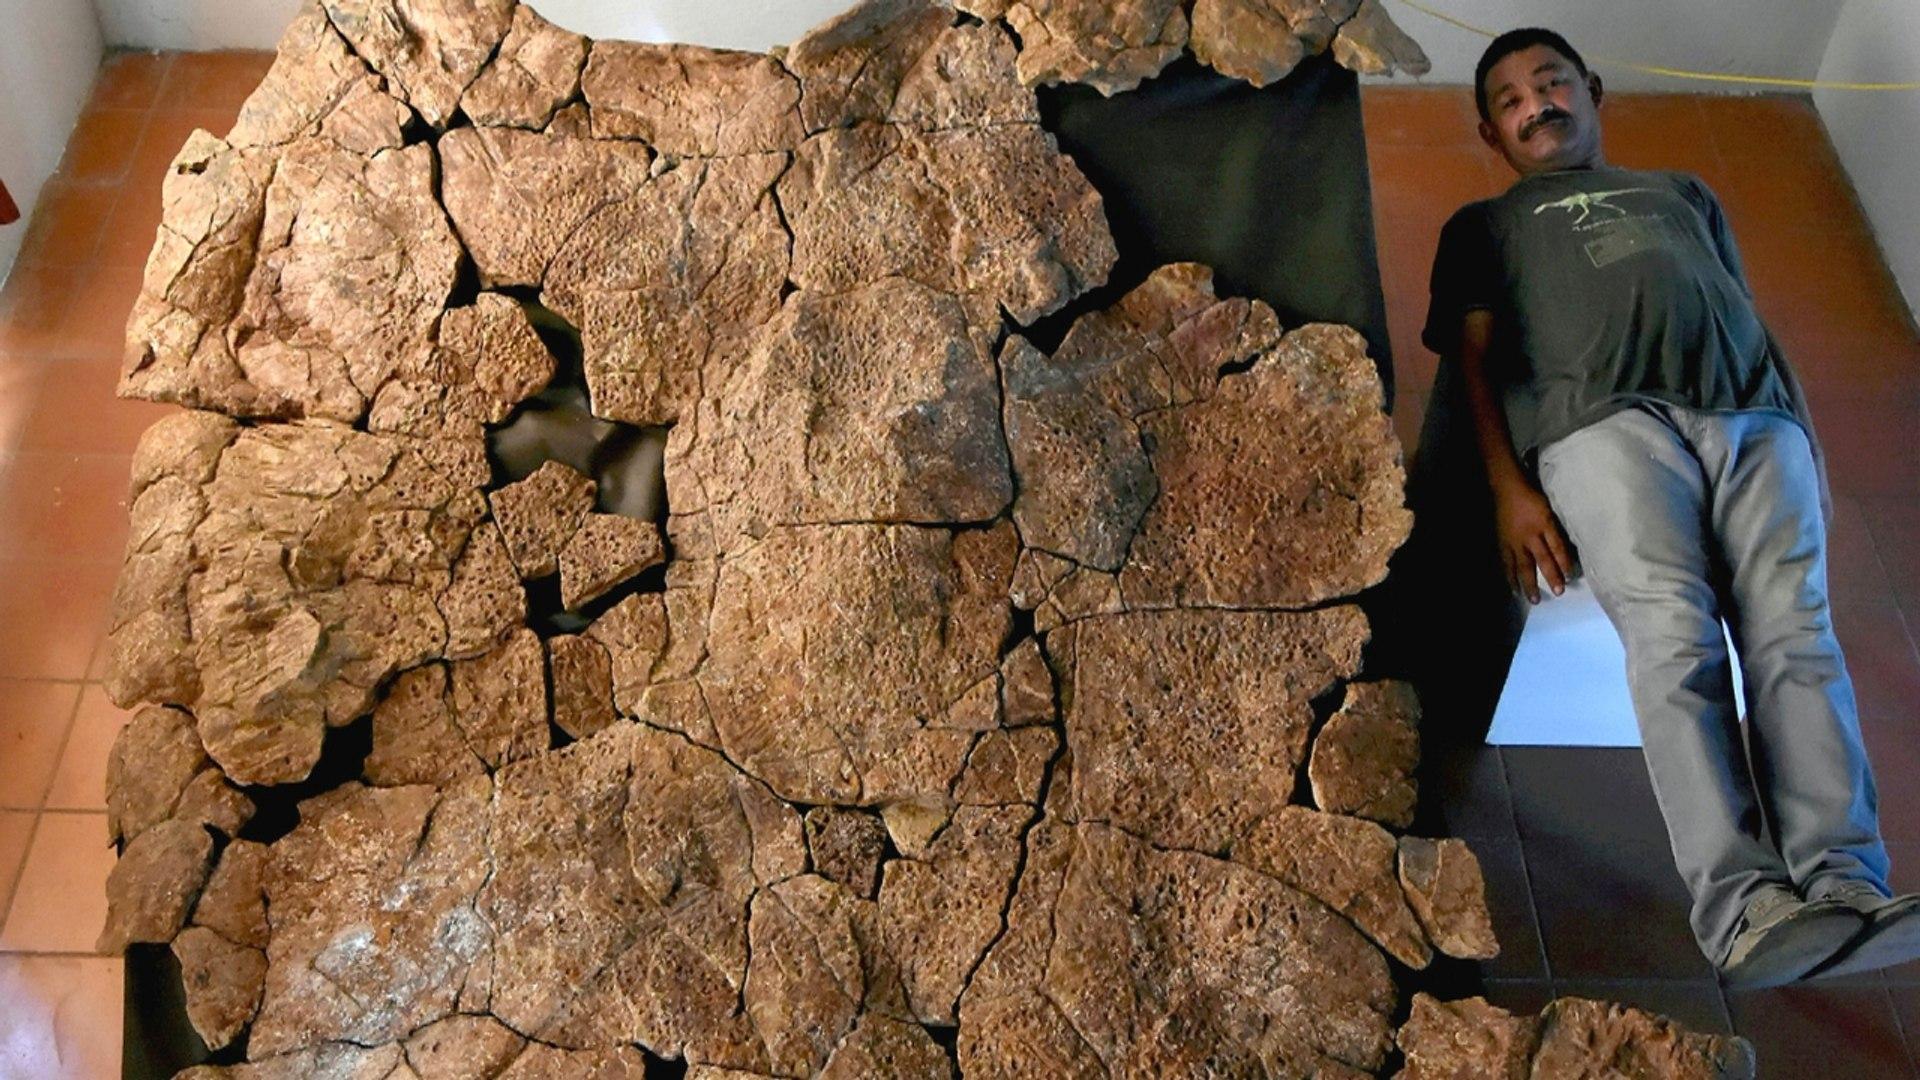 Schild van schildpad zo groot als auto opgegraven in Colombia